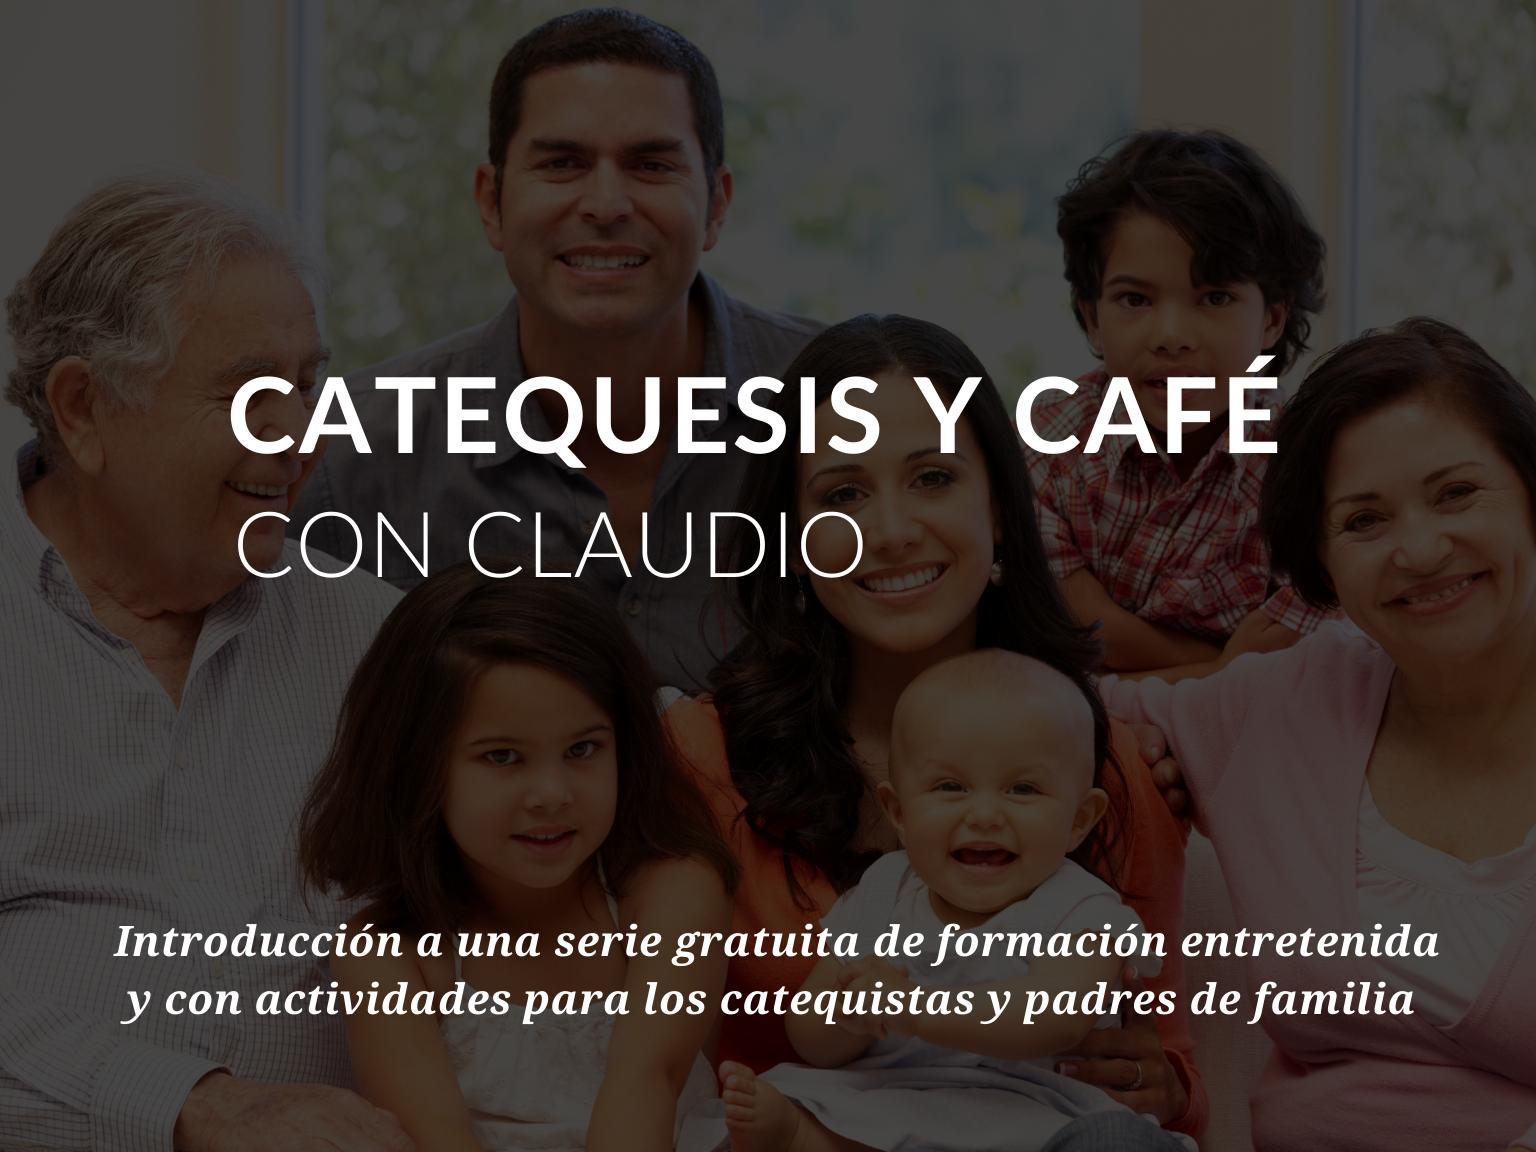 catequesis-y-cafe-con-claudio